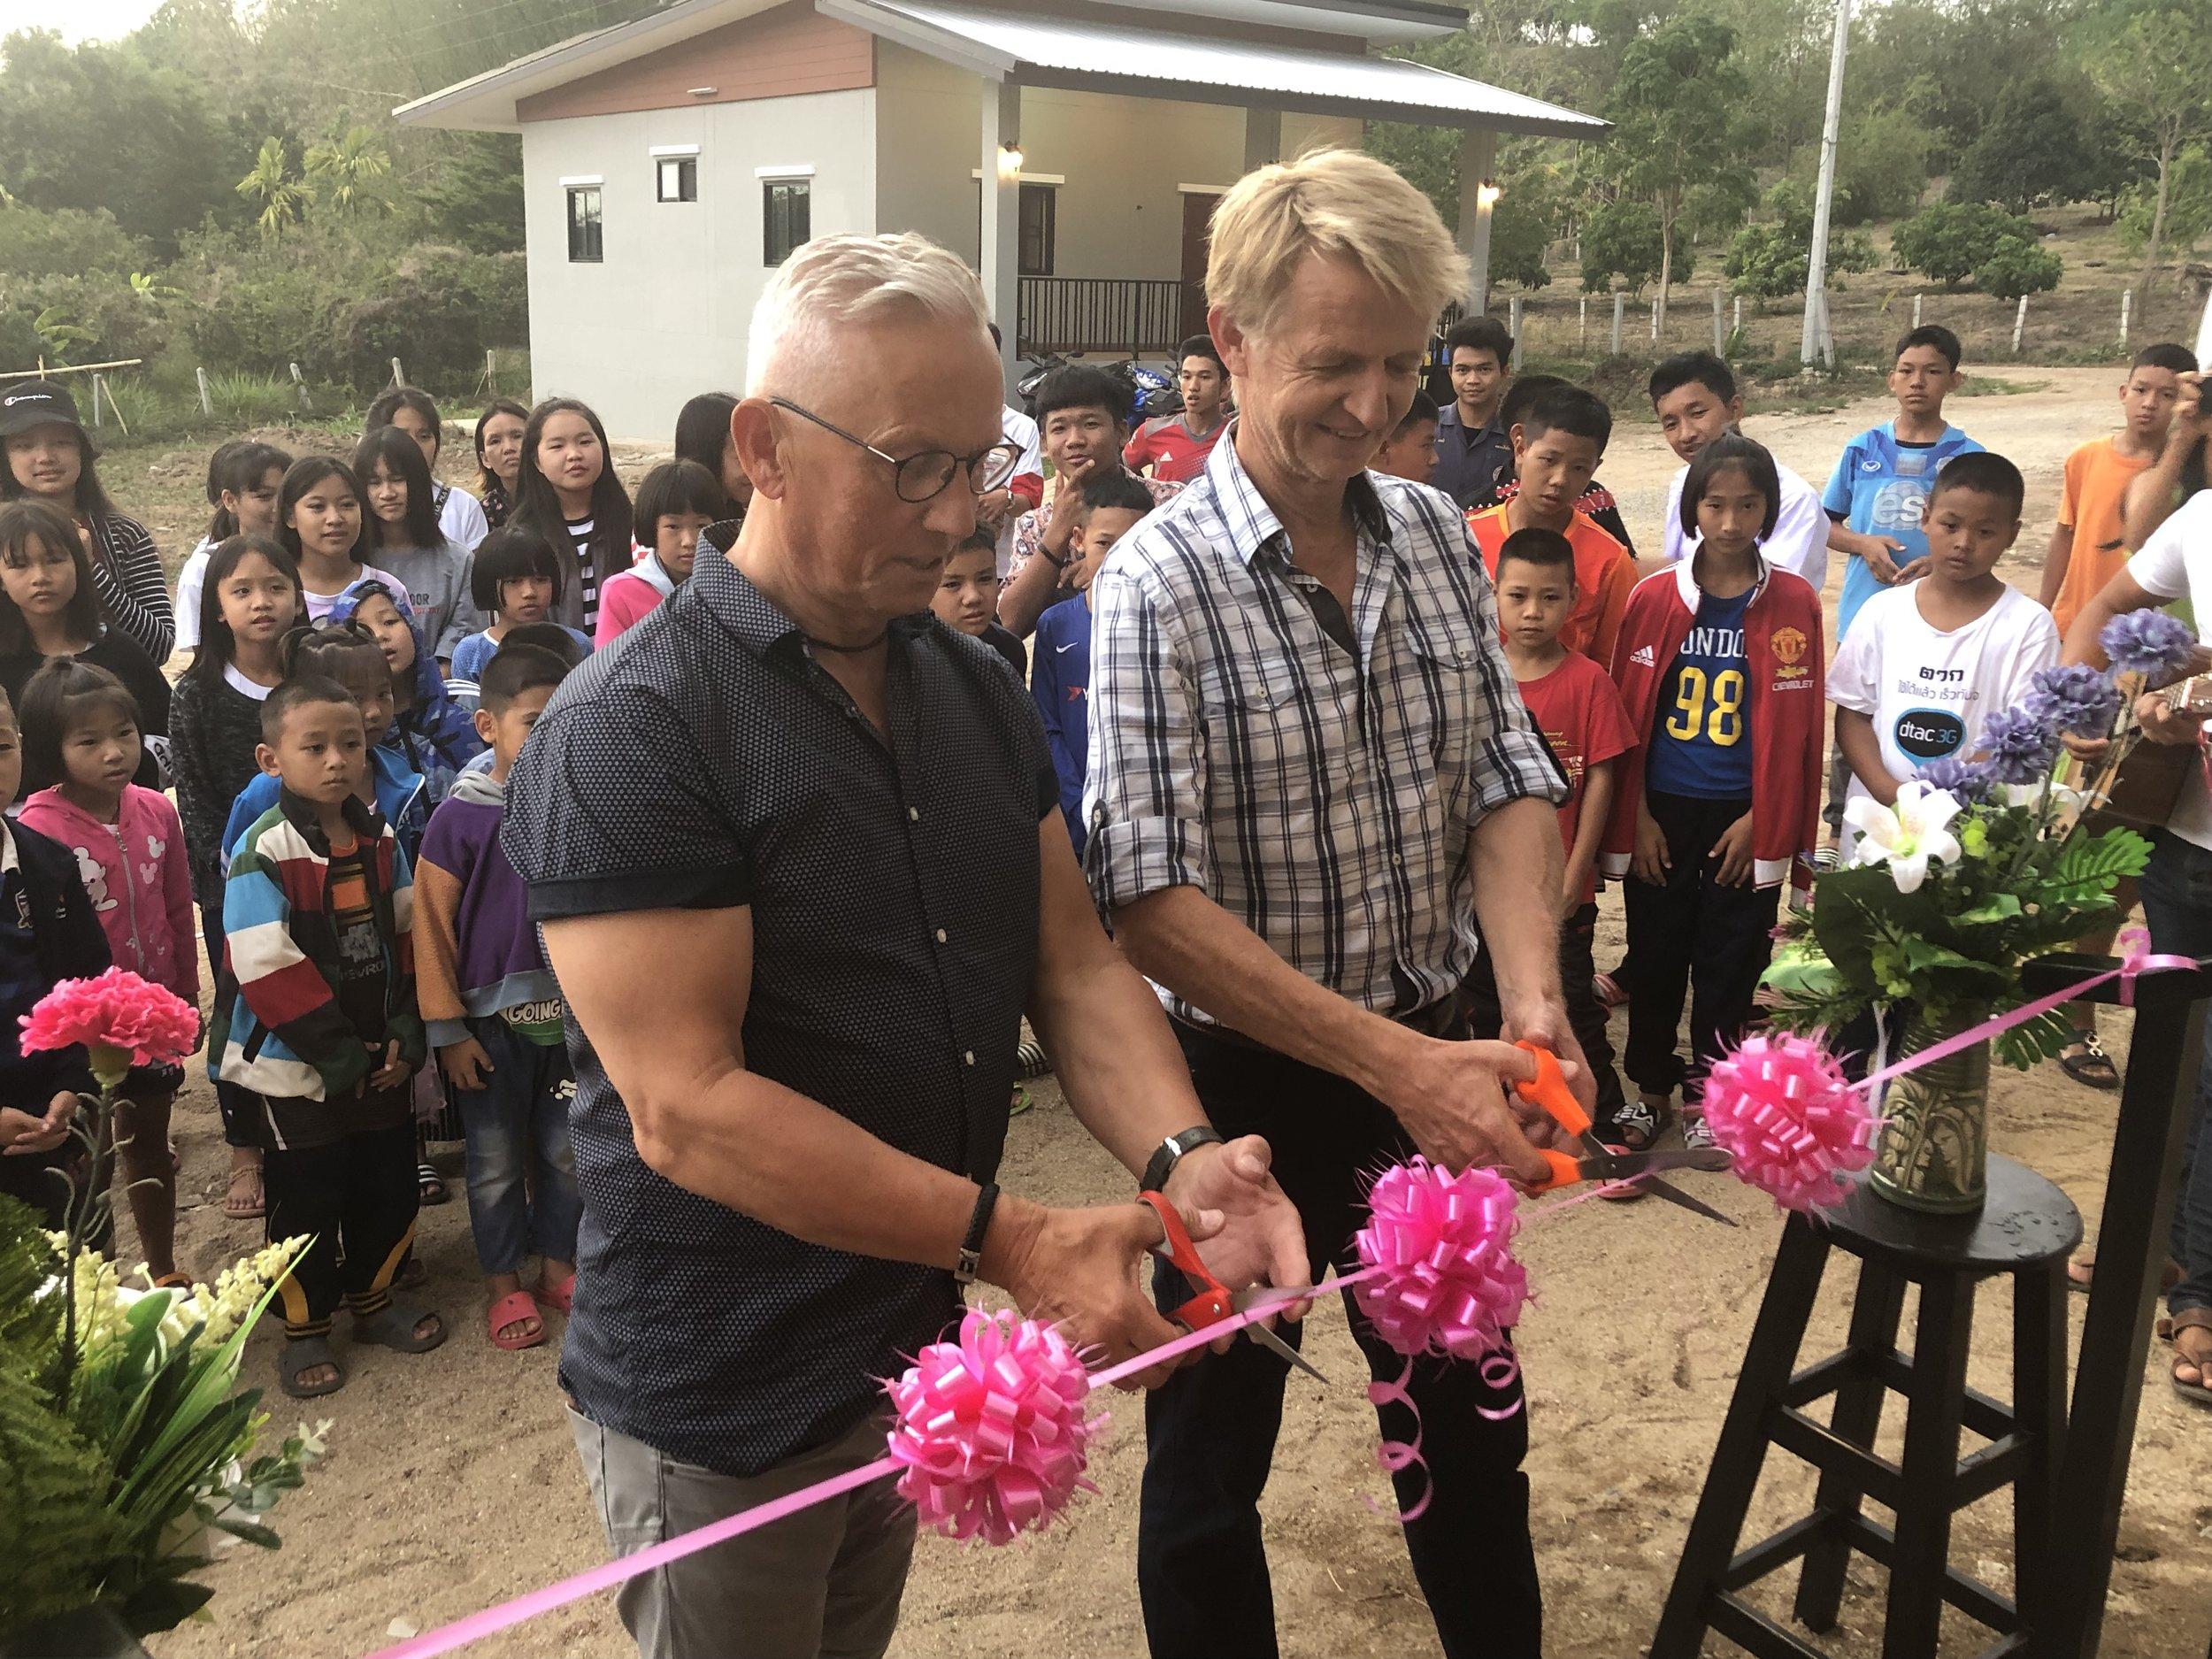 Inge og Knut Inge for æren av å klippe snoren og erklære studentsenteret for åpnet – Foto: Madeleine Ekelyck